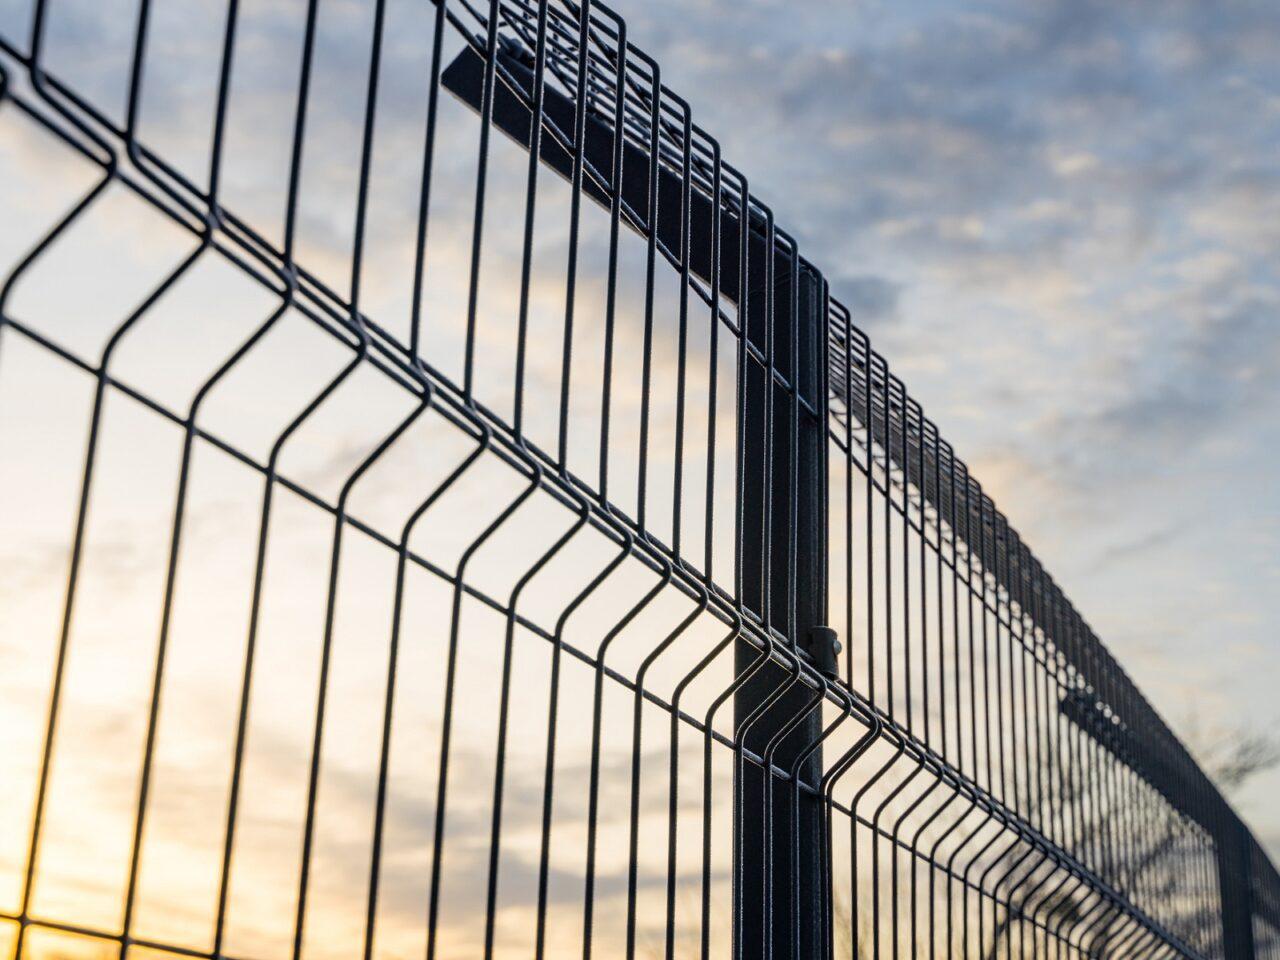 Fence Construction – Rail Services